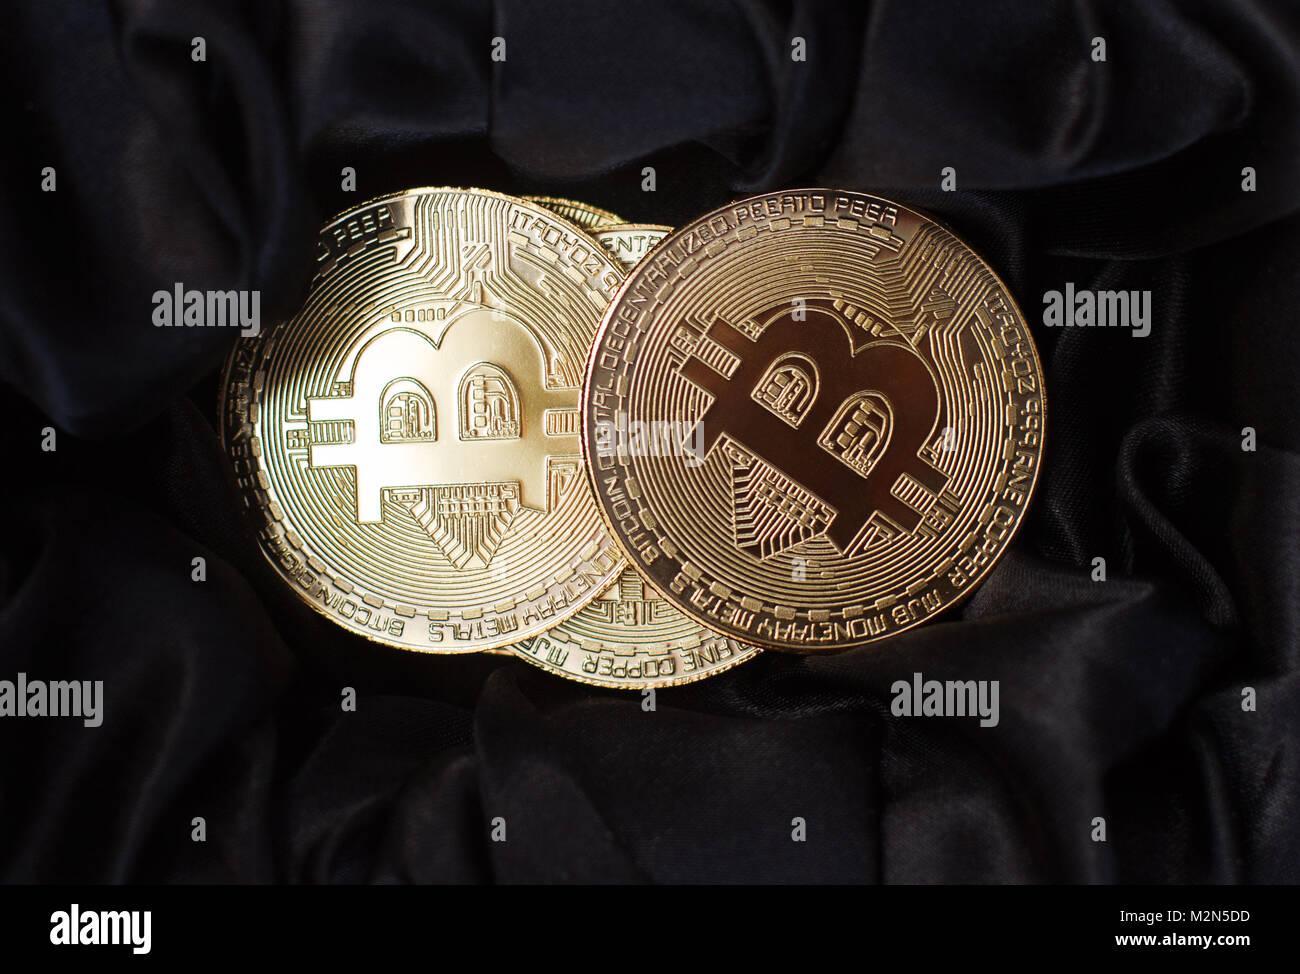 Horizontal oben Ansicht Nahaufnahme von bitcoin Golden metallische Münzen auf schwarzem Samt Hintergrund Stockbild